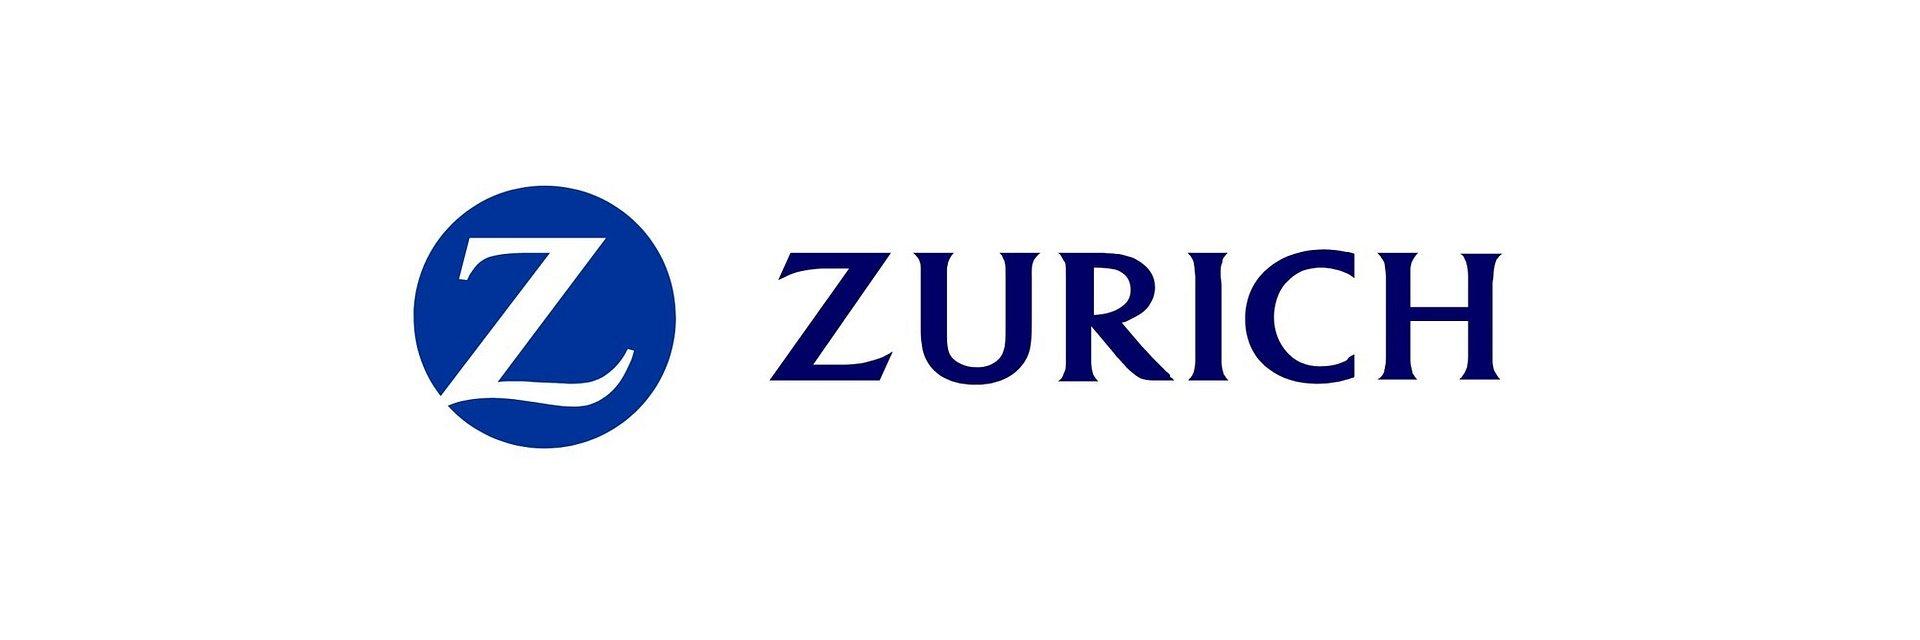 Rita Almeida nomeada Diretora de Vendas e Distribuição da Zurich